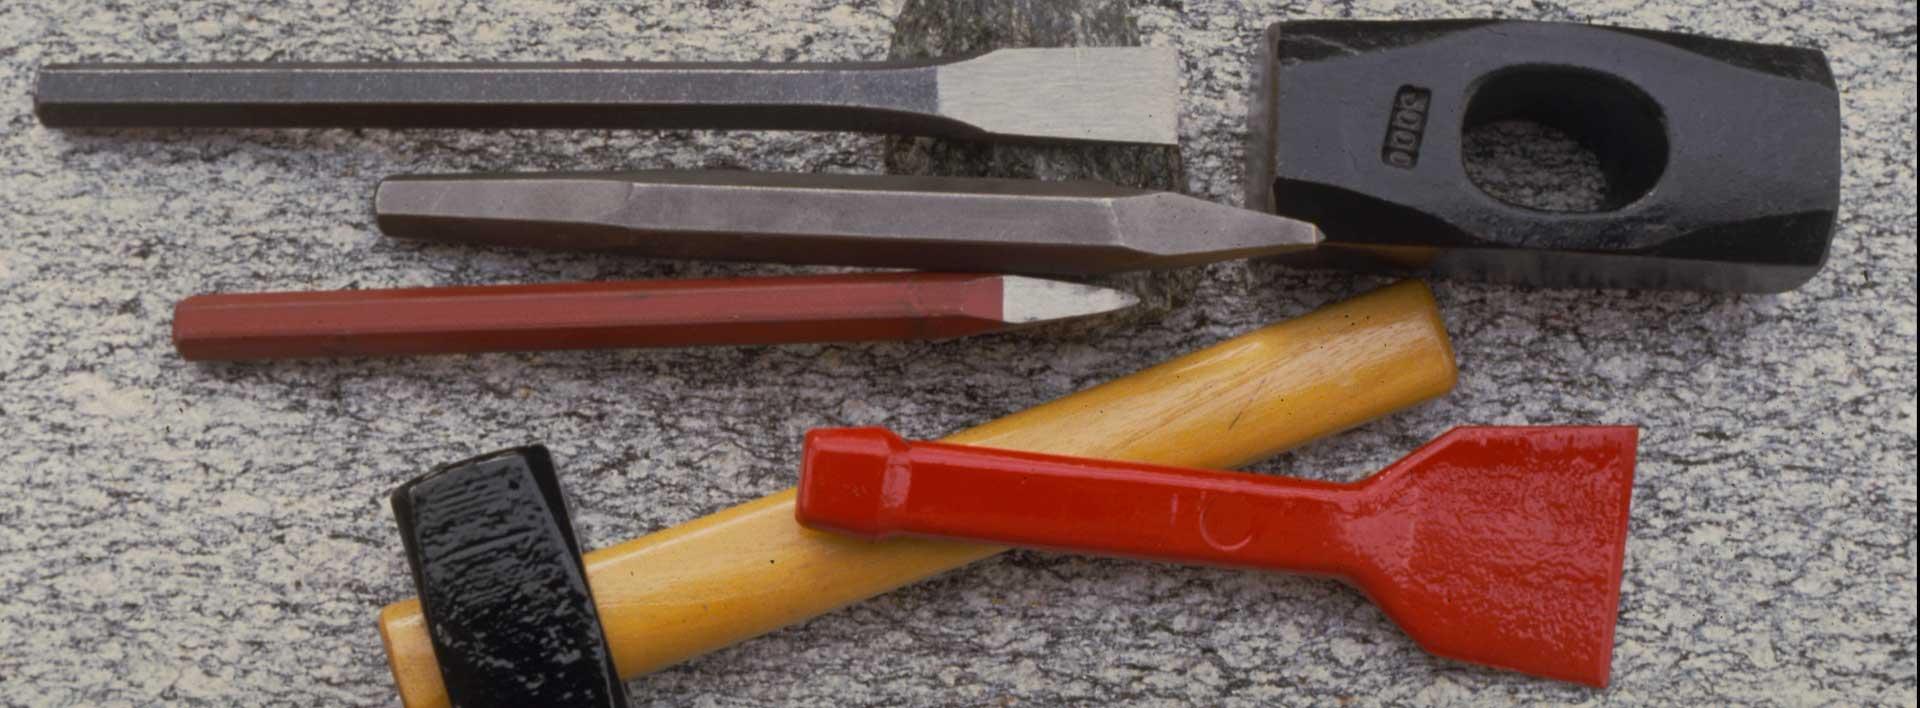 utensili in acciaio e mazzette